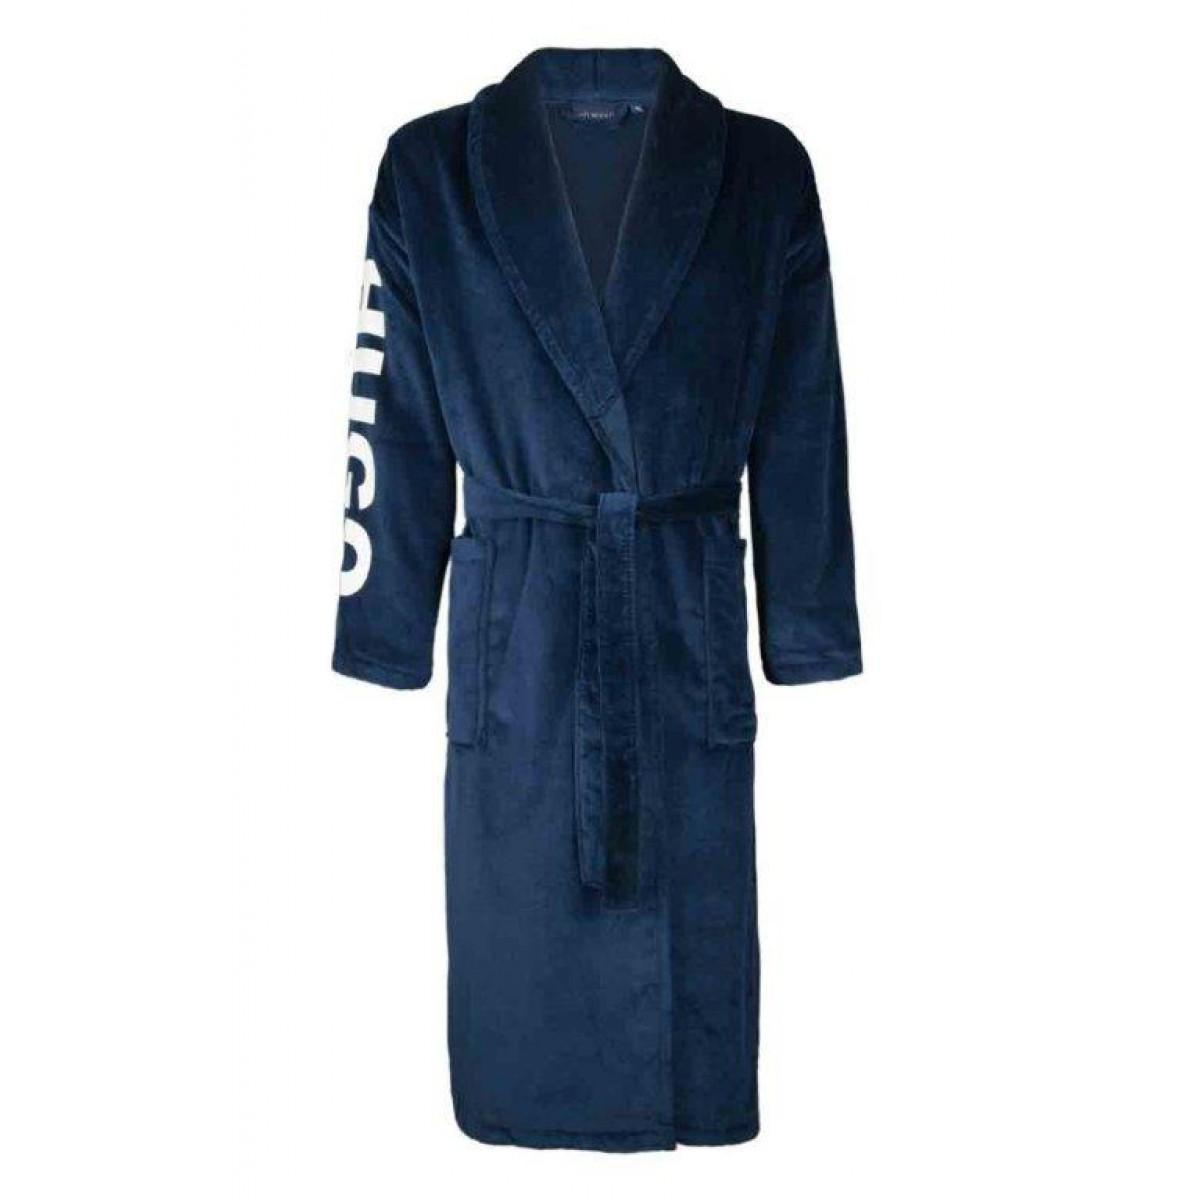 Blauwe badjas met bedrukking